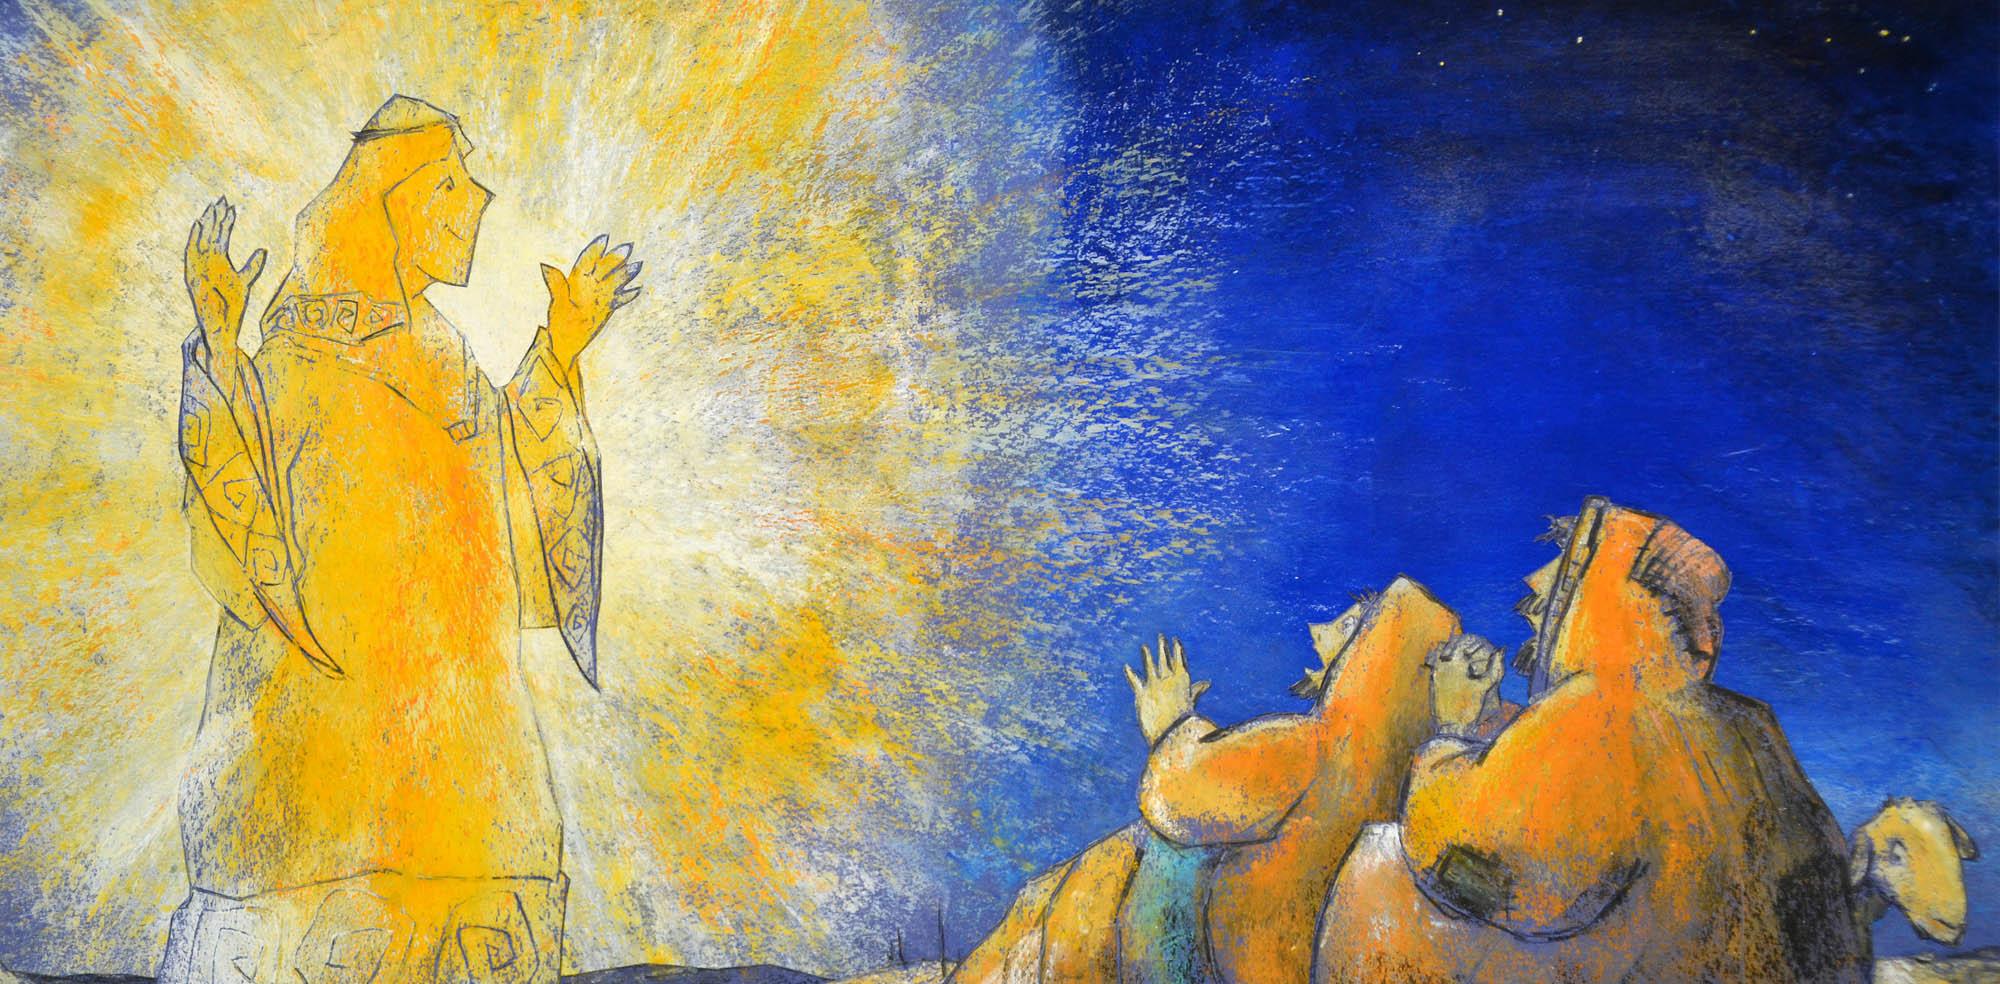 Jesu wird geboren, Bilderbuch, Dieter Konsek